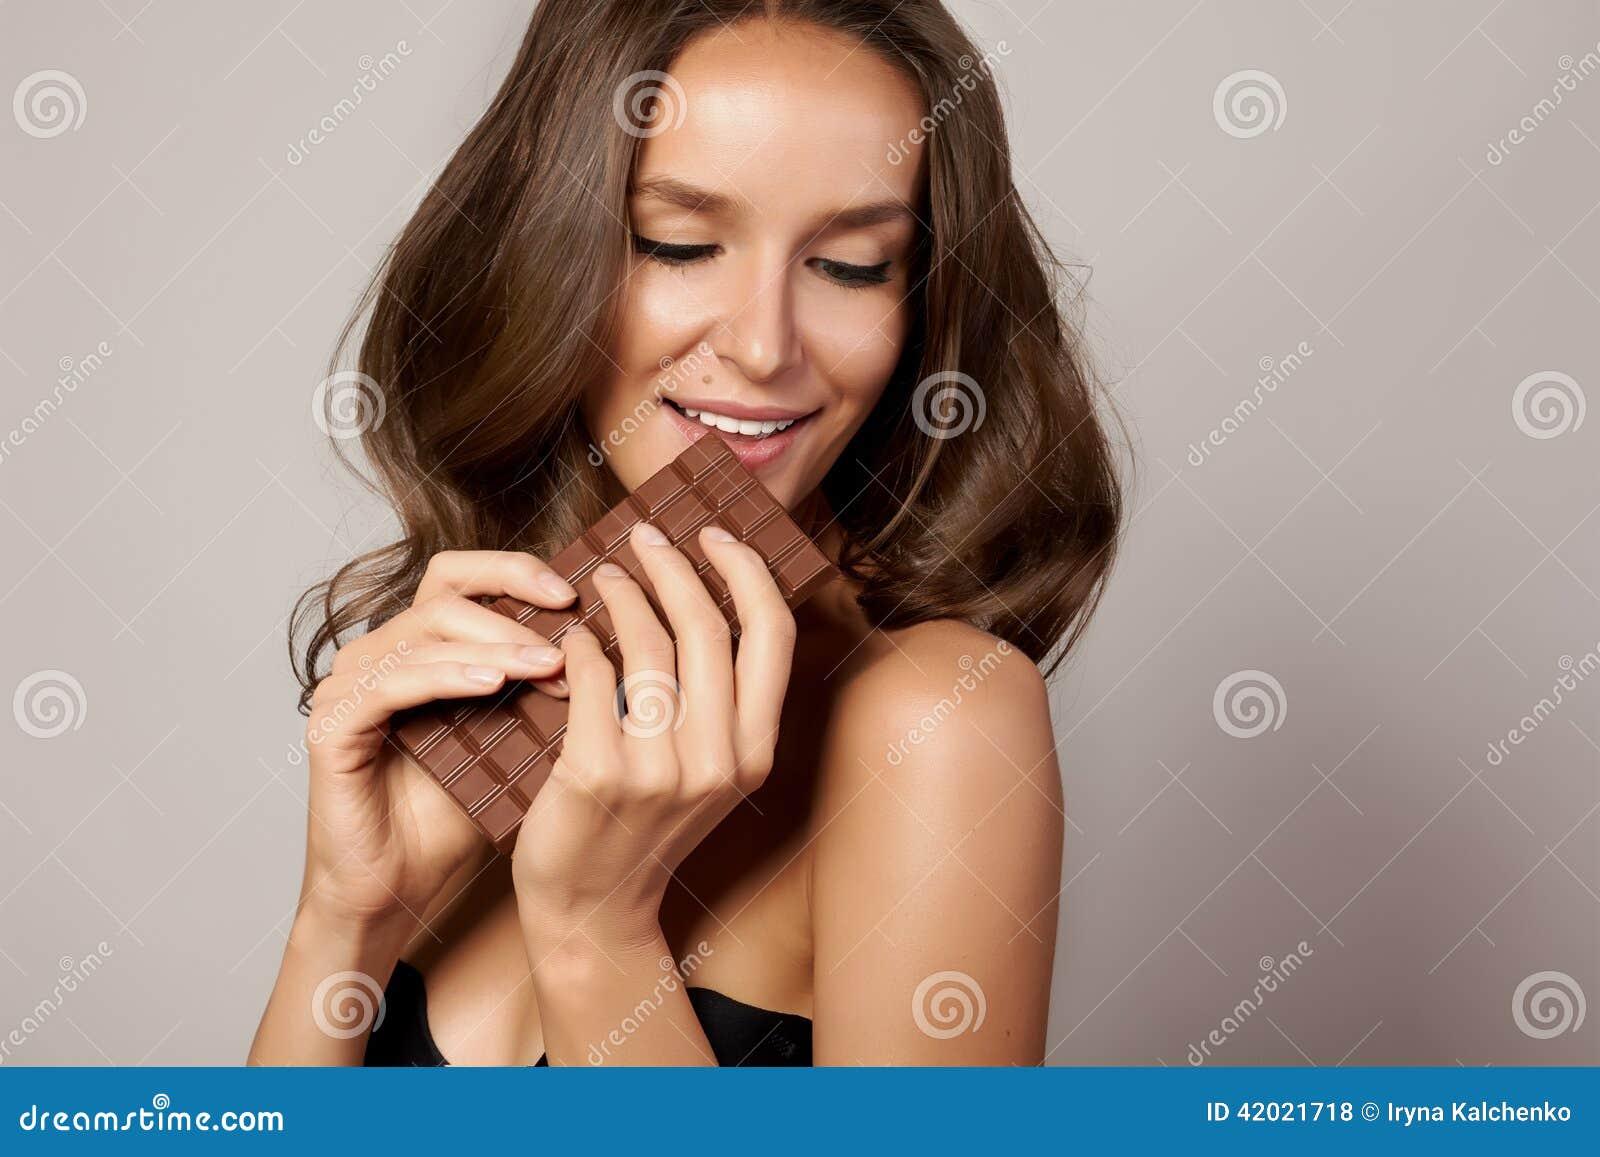 Giovane bella ragazza con capelli ricci scuri, le spalle nude ed il collo, tenenti una barra di cioccolato per godere del gusto e